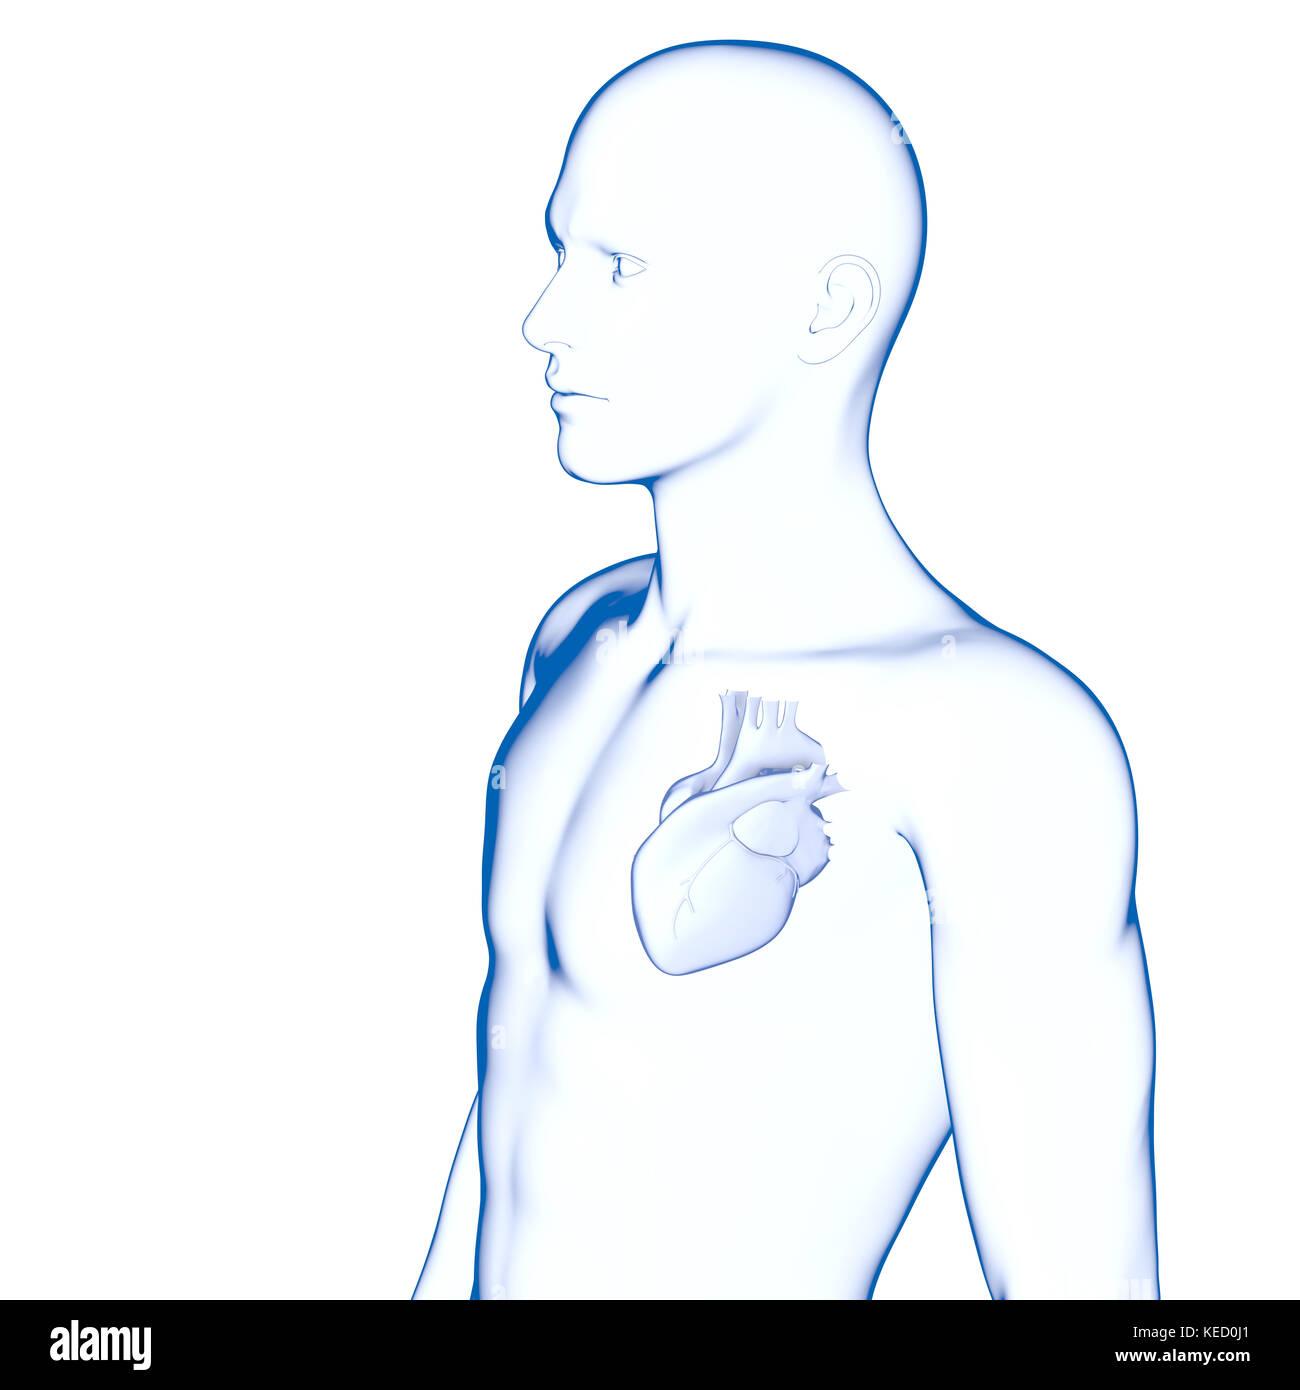 Man Human Circulatory System Stockfotos & Man Human Circulatory ...